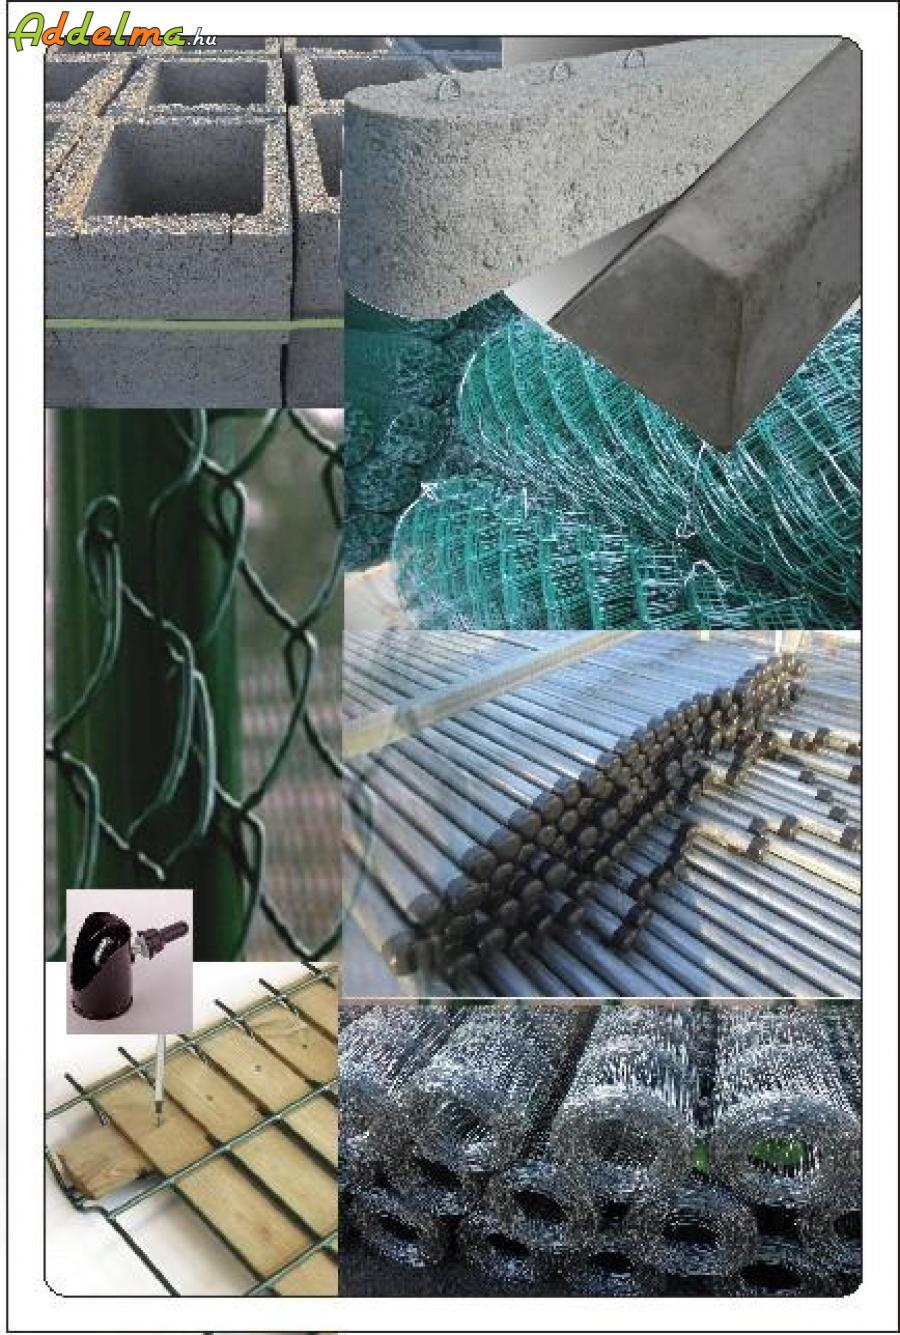 Vadháló drótfonat kerítés oszlop betonoszlop drótkerítés